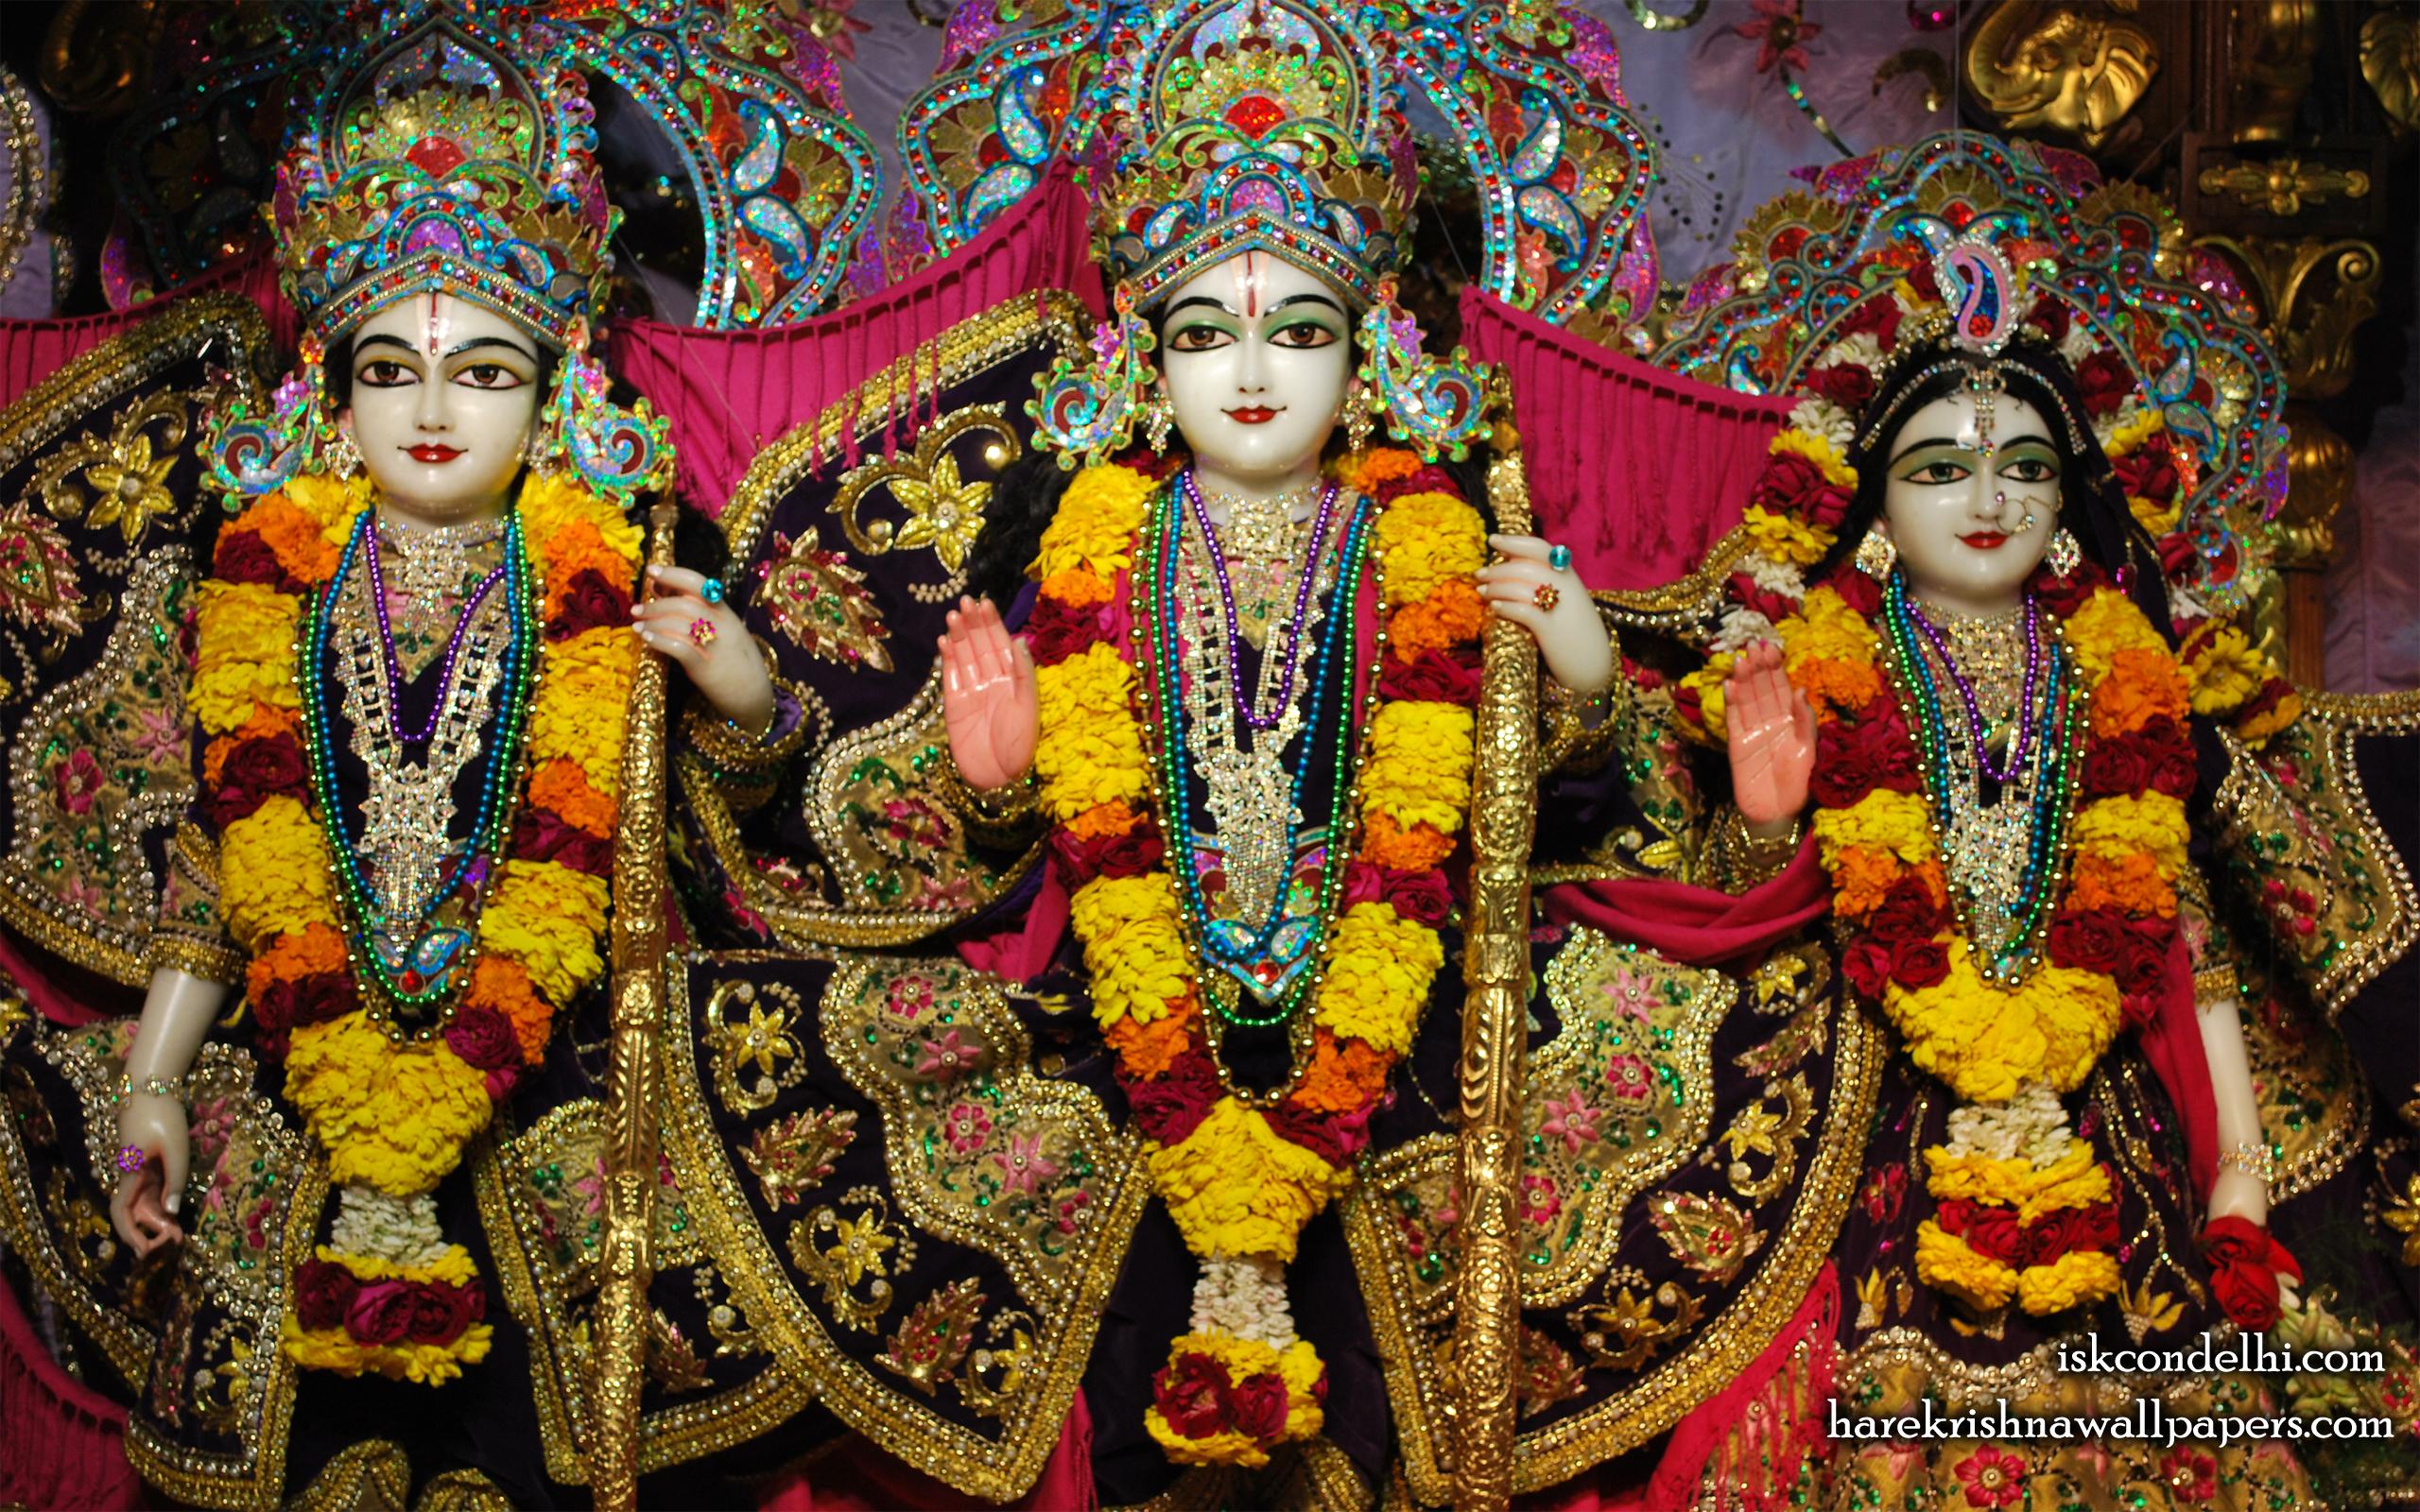 Sri Sri Sita Rama Laxman Wallpaper (002) Size 2560x1600 Download